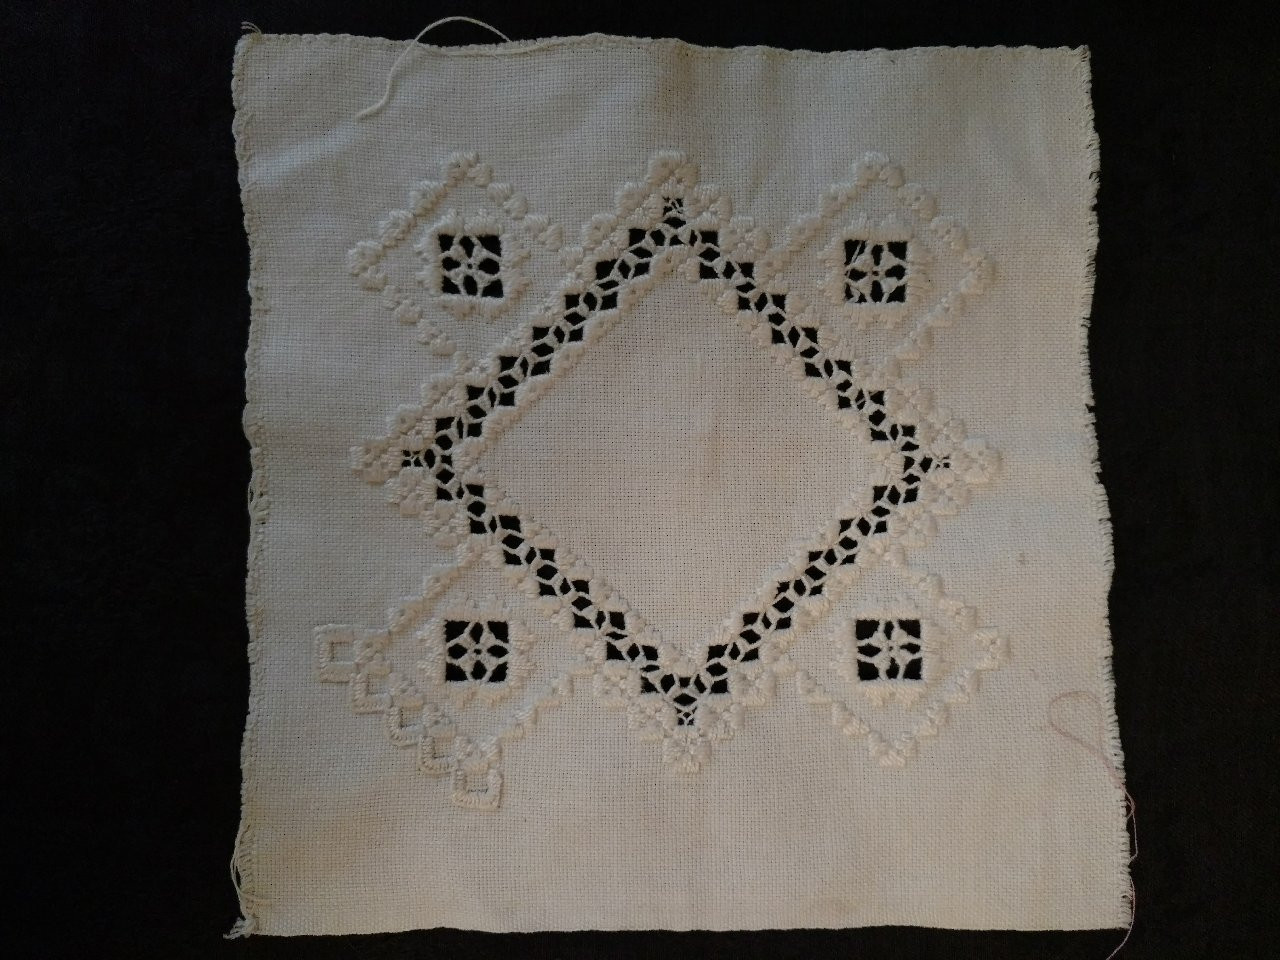 Vintage Hardanger Embroidery  Needlework Square Unfinished Edge